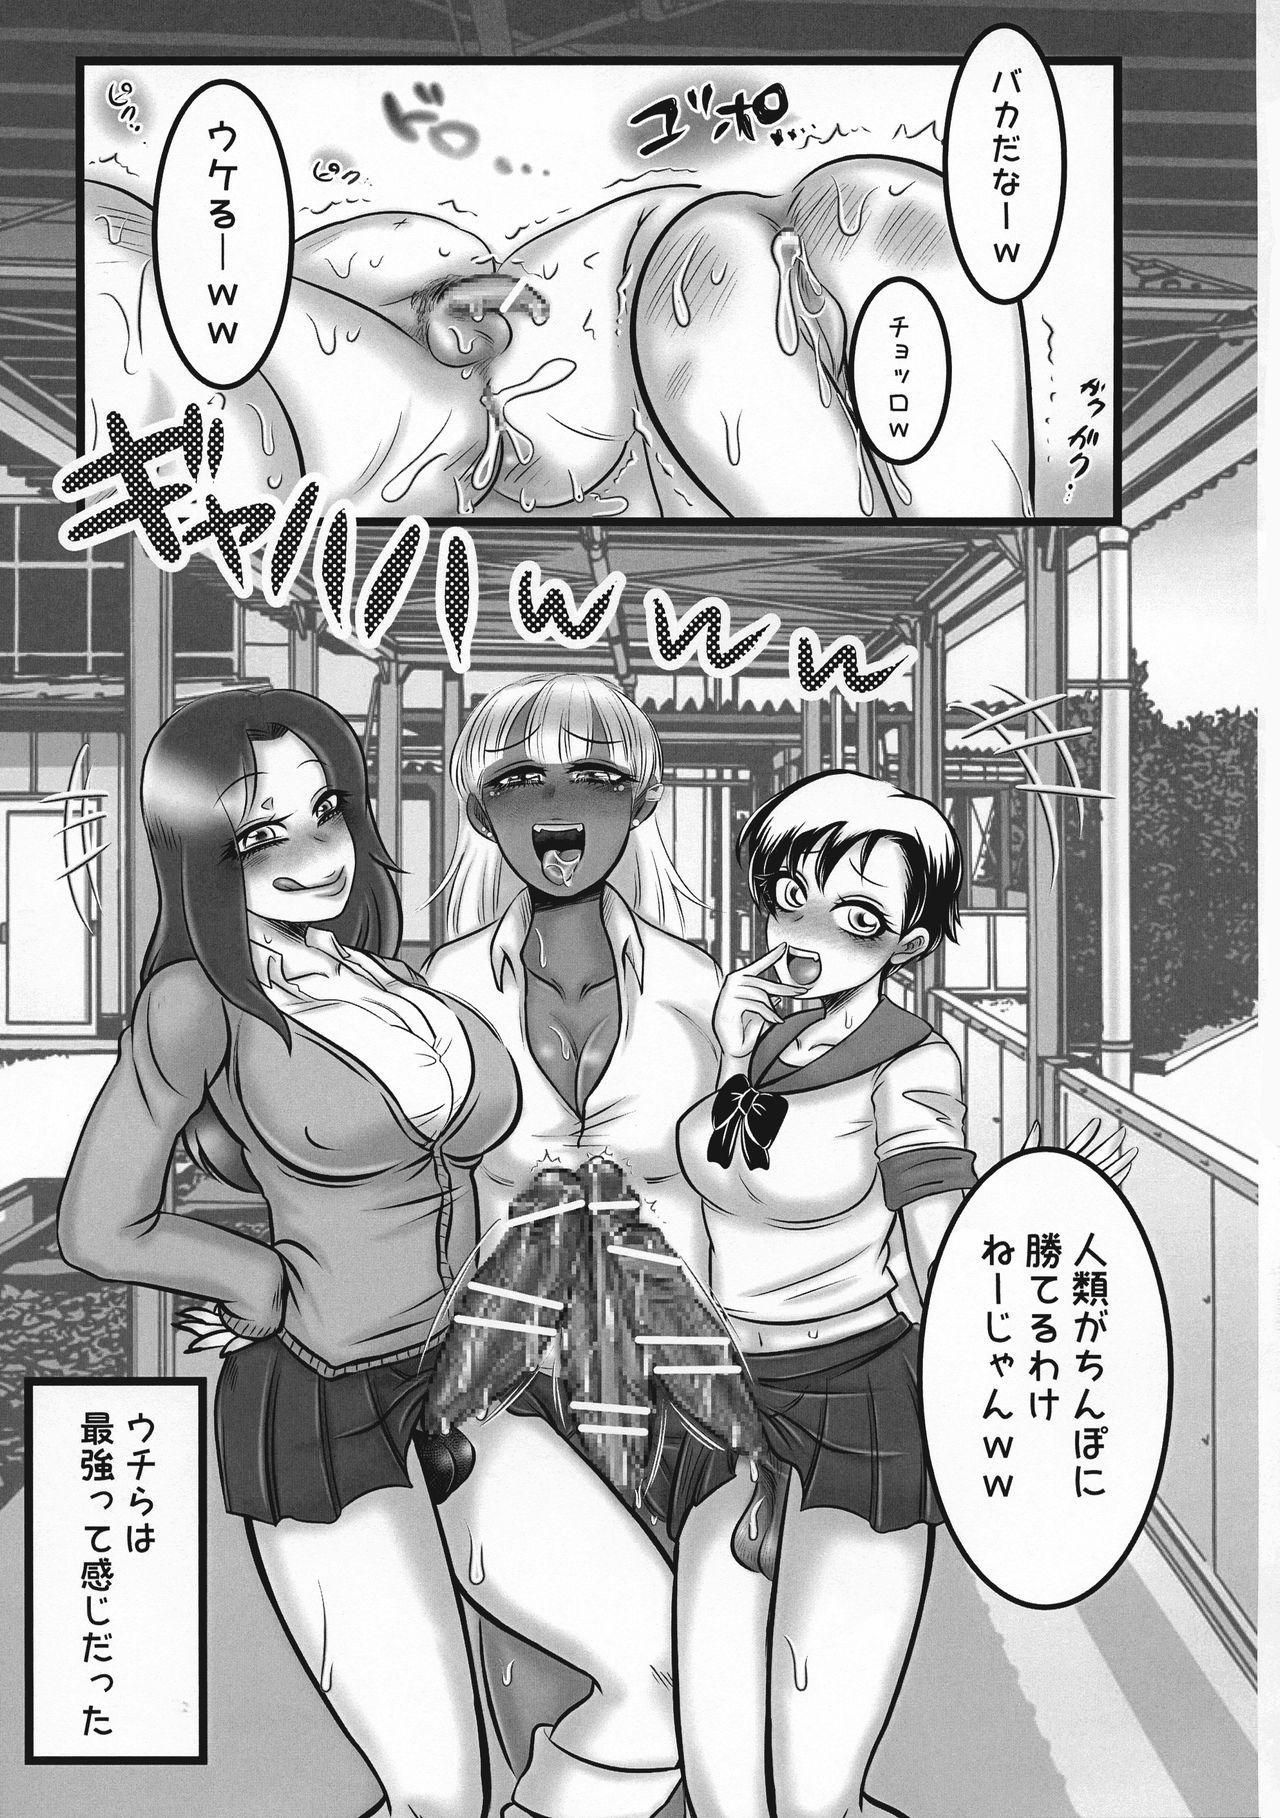 Futanari Gyaru ga Jiko Ninshin Suru Manga! 11